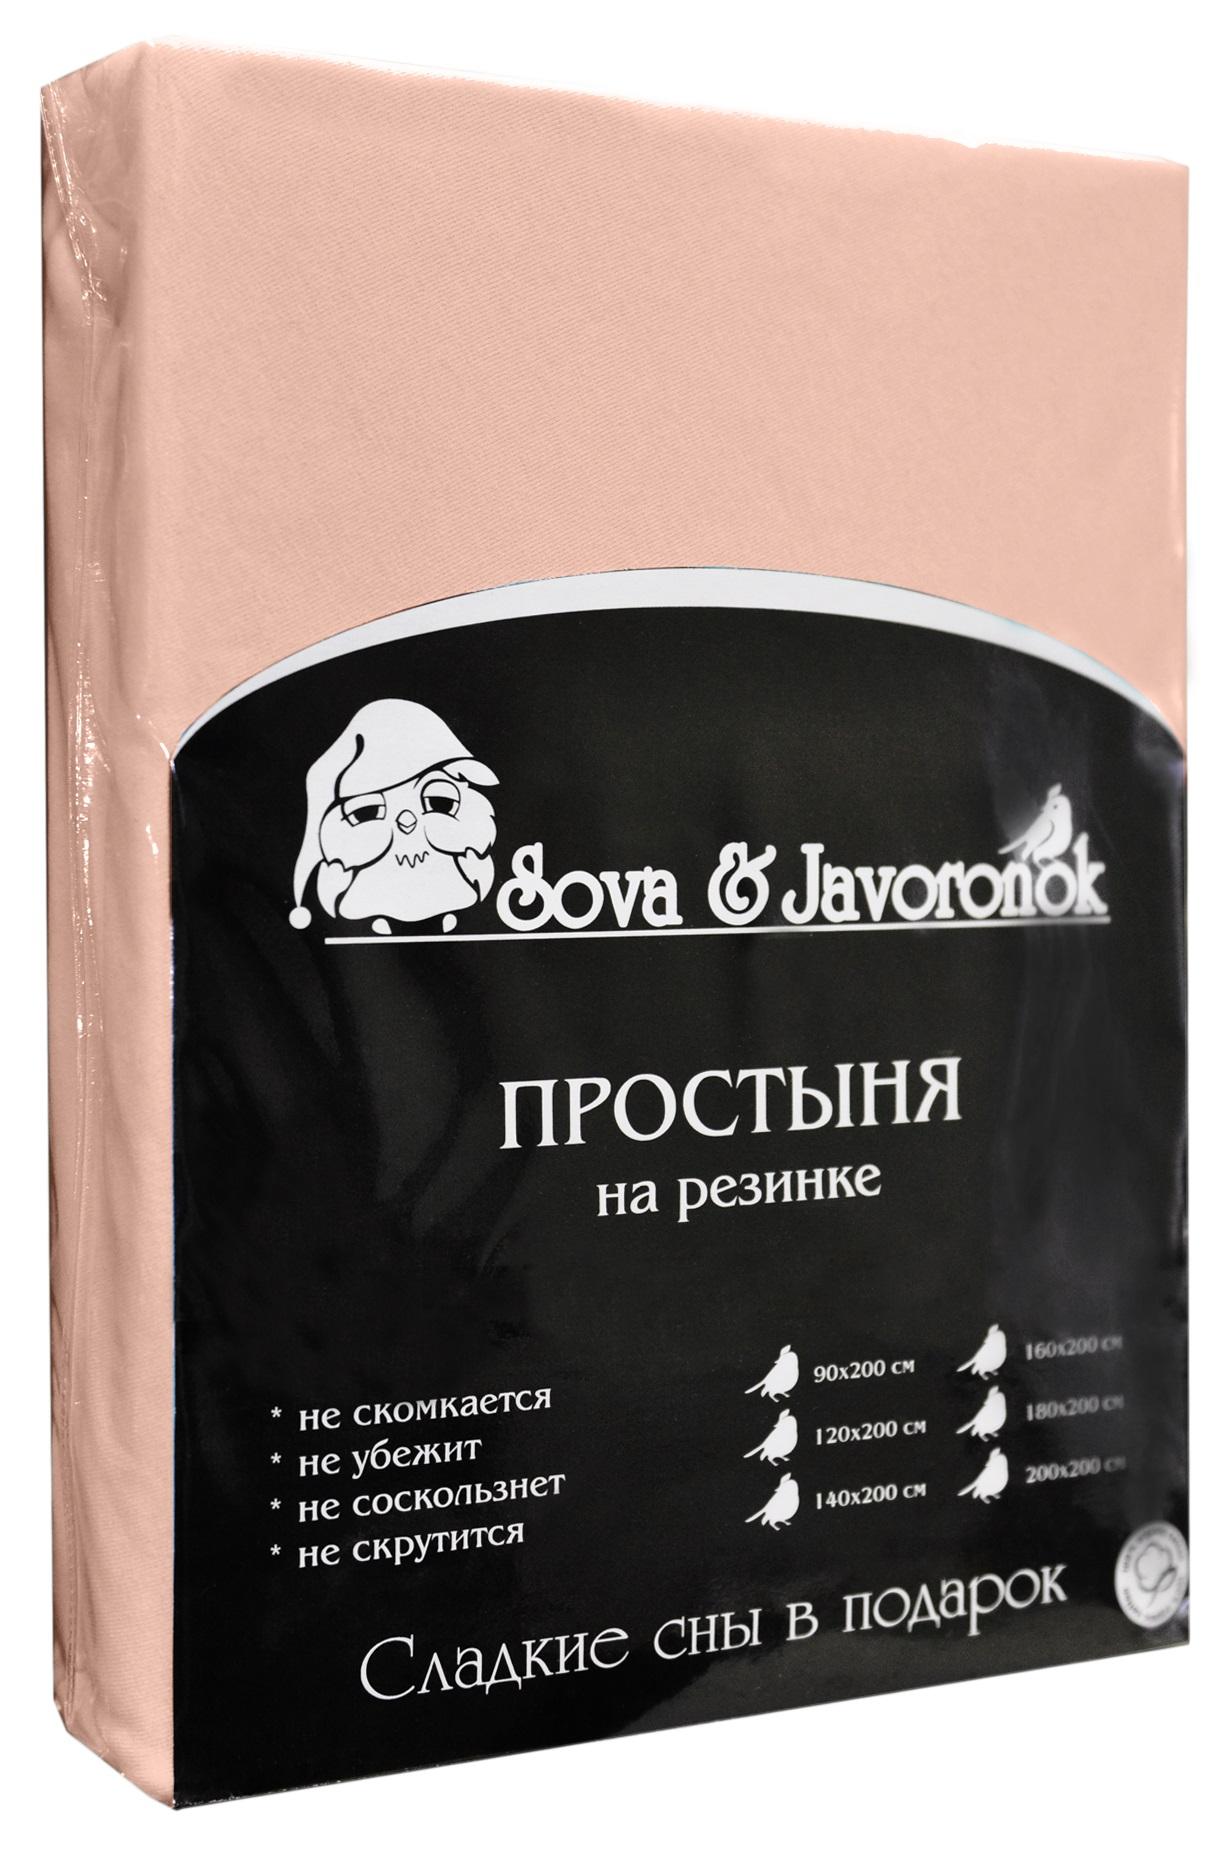 Простыня на резинке Sova & Javoronok, цвет: персиковый, 160 см х 200 смU210DFПростыня на резинке Sova & Javoronok, изготовленная из трикотажной ткани (100% хлопок), будет превосходно смотреться с любыми комплектами белья. Хлопчатобумажный трикотаж по праву считается одним из самых качественных, прочных и при этом приятных на ощупь. Его гигиеничность позволяет использовать простыню и в детских комнатах, к тому же 100%-ый хлопок в составе ткани не вызовет аллергии. У трикотажного полотна очень интересная структура, немного рыхлая за счет отсутствия плотного переплетения нитей и наличия особых петель, благодаря этому простыня Сова и Жаворонок отлично пропускает воздух и способствует его постоянной циркуляции. Поэтому ваша постель будет всегда оставаться свежей. Но главное и, пожалуй, самое известное свойство трикотажа - это его великолепная растяжимость, поэтому эта ткань и была выбрана для натяжной простыни на резинке.Простыня прошита резинкой по всему периметру, что обеспечивает более комфортный отдых, так как она прочно удерживается на матрасе и избавляет от необходимости часто поправлять простыню.